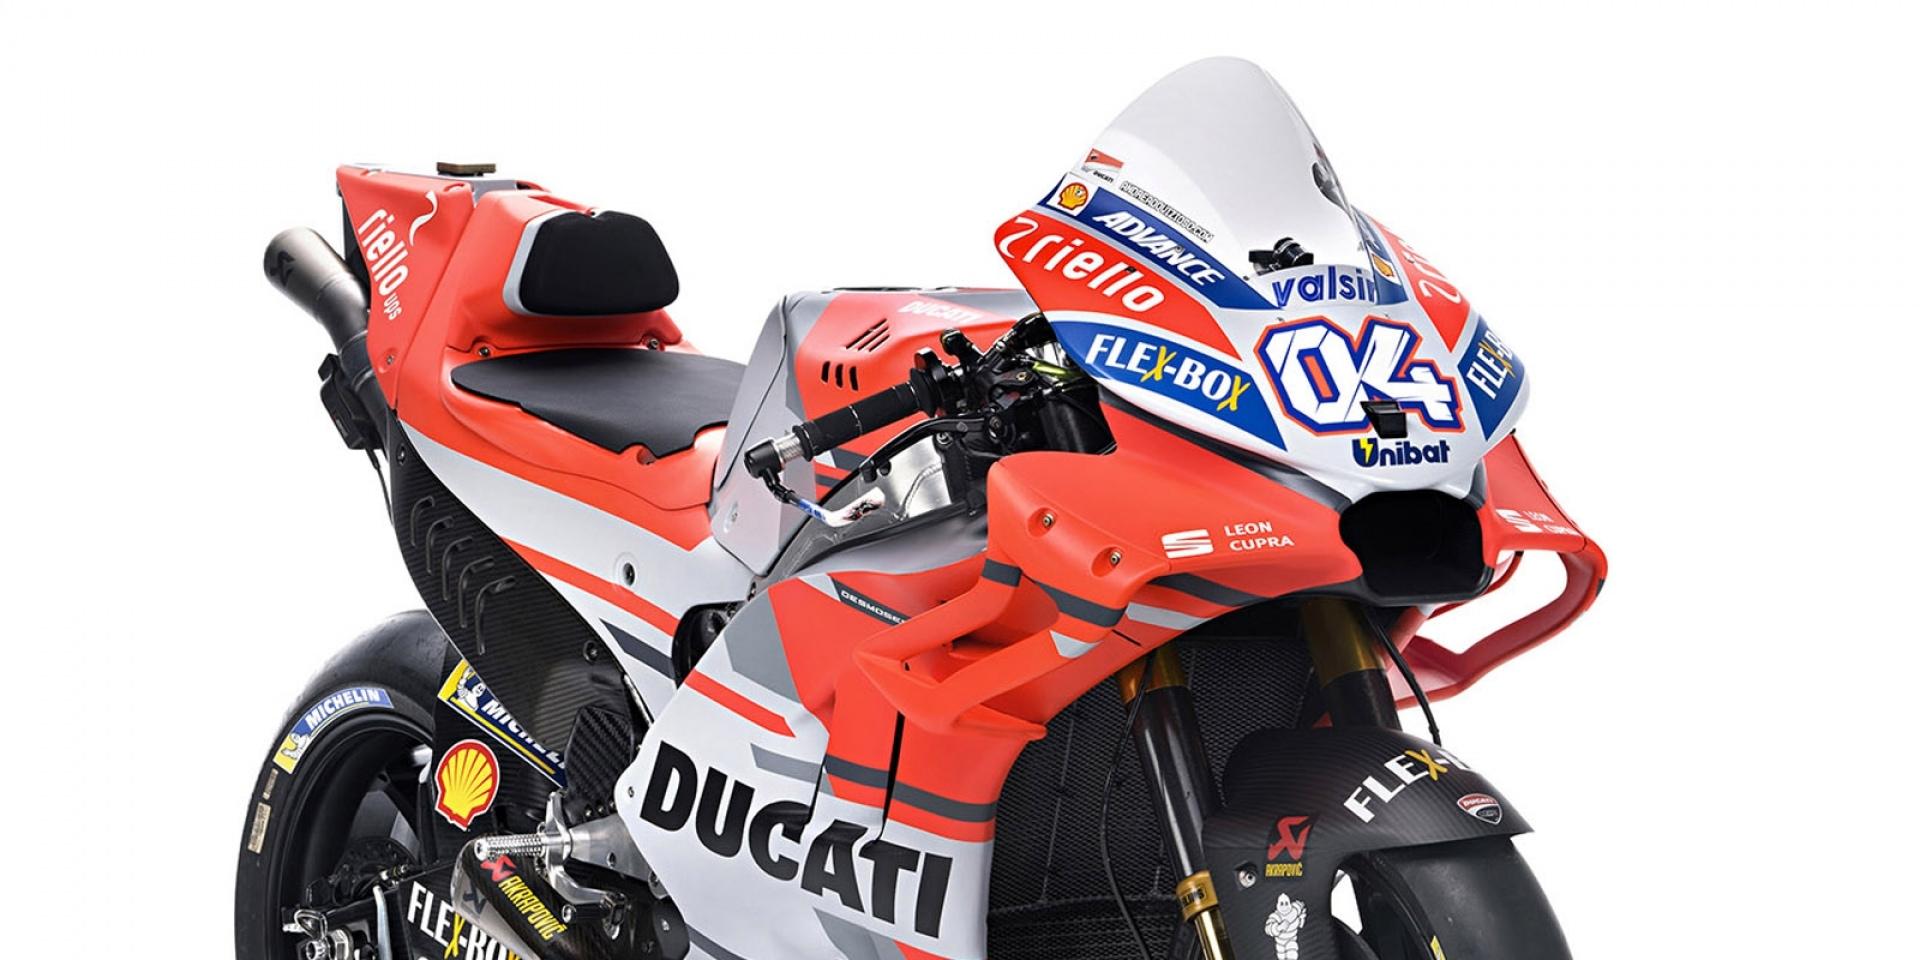 定風翼下放公路?Ducati計畫將GP廠車定風翼下放至Panigale V4S